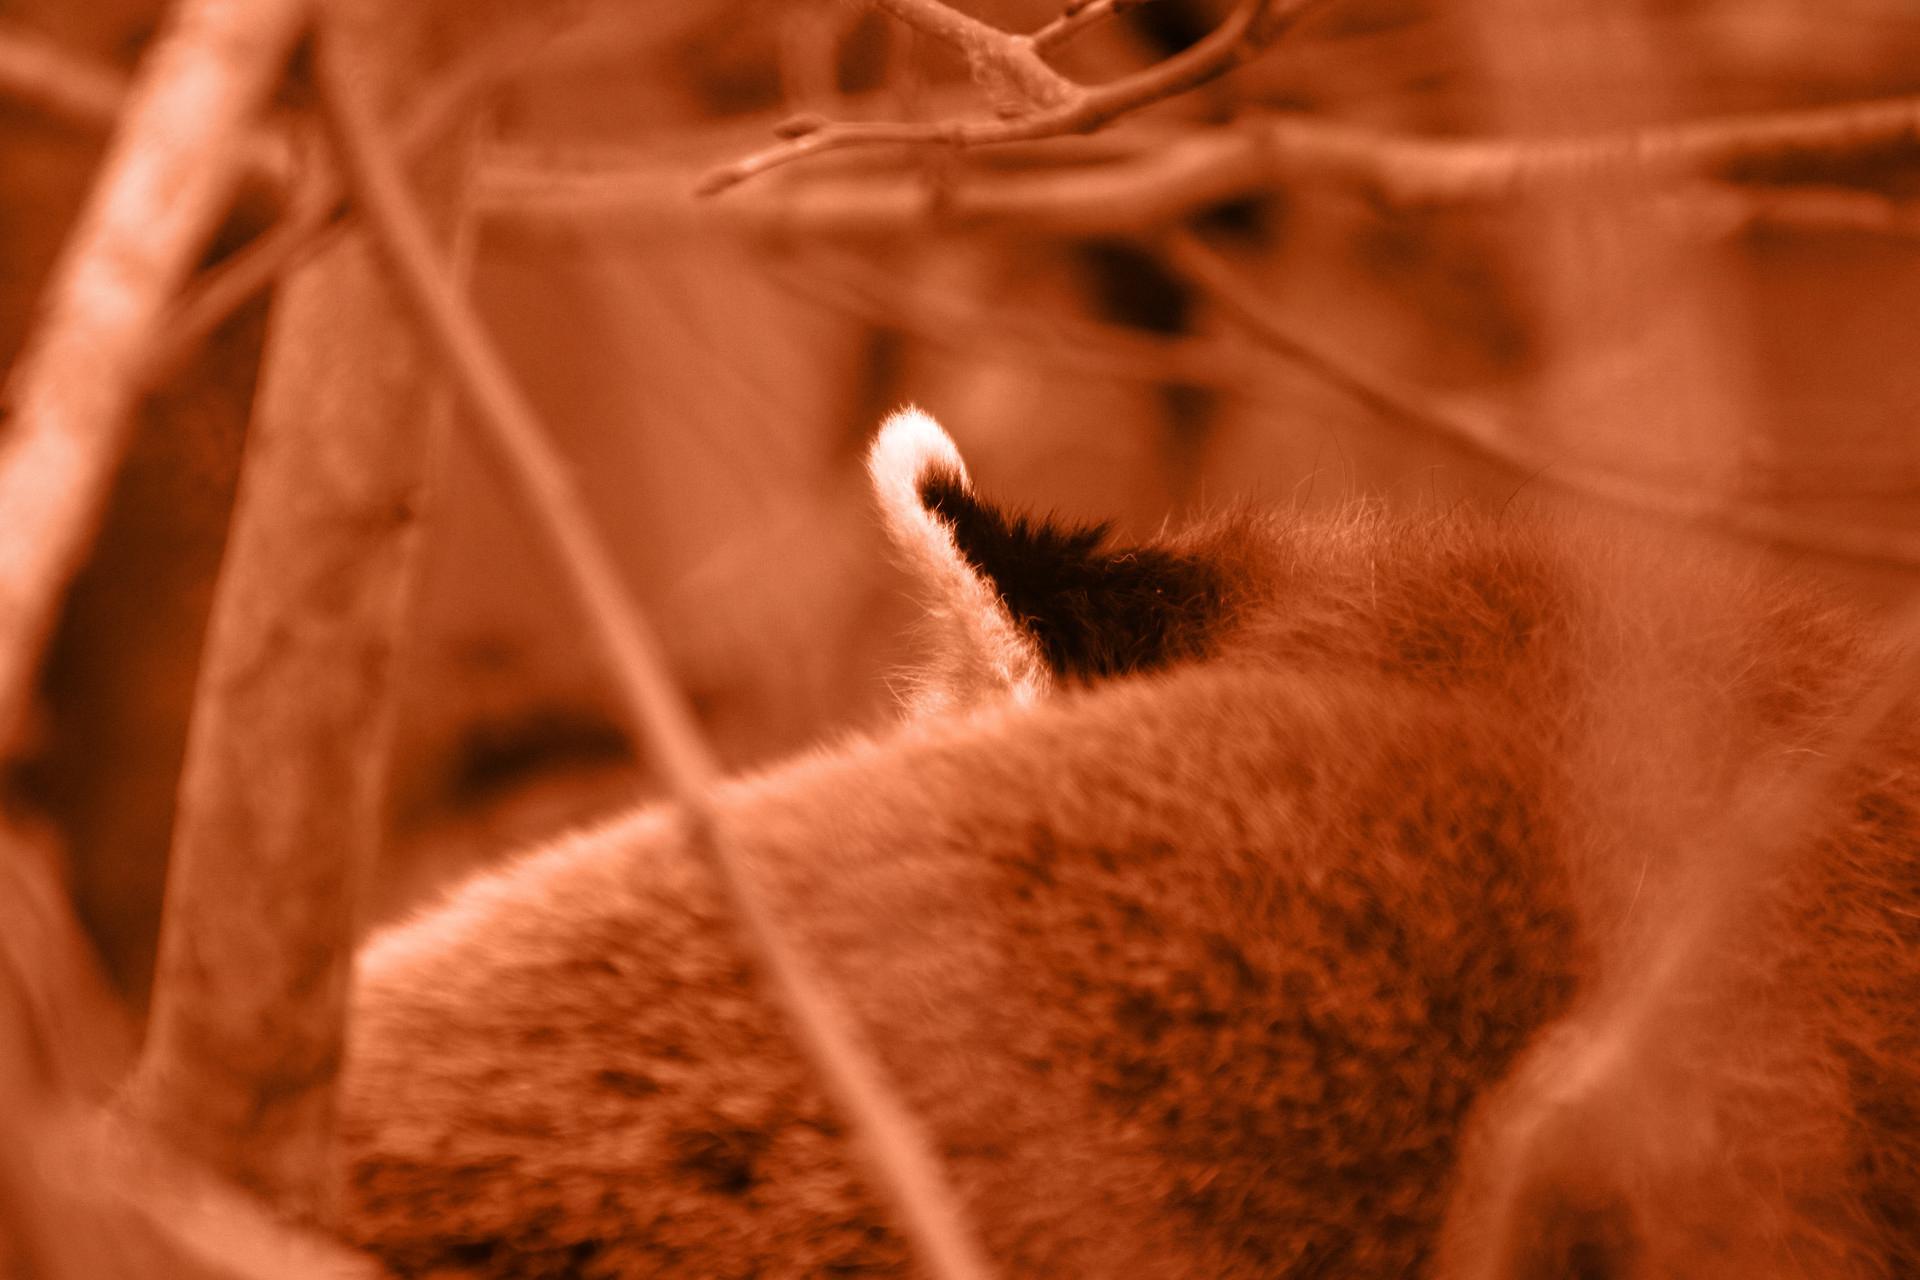 Red panda fur